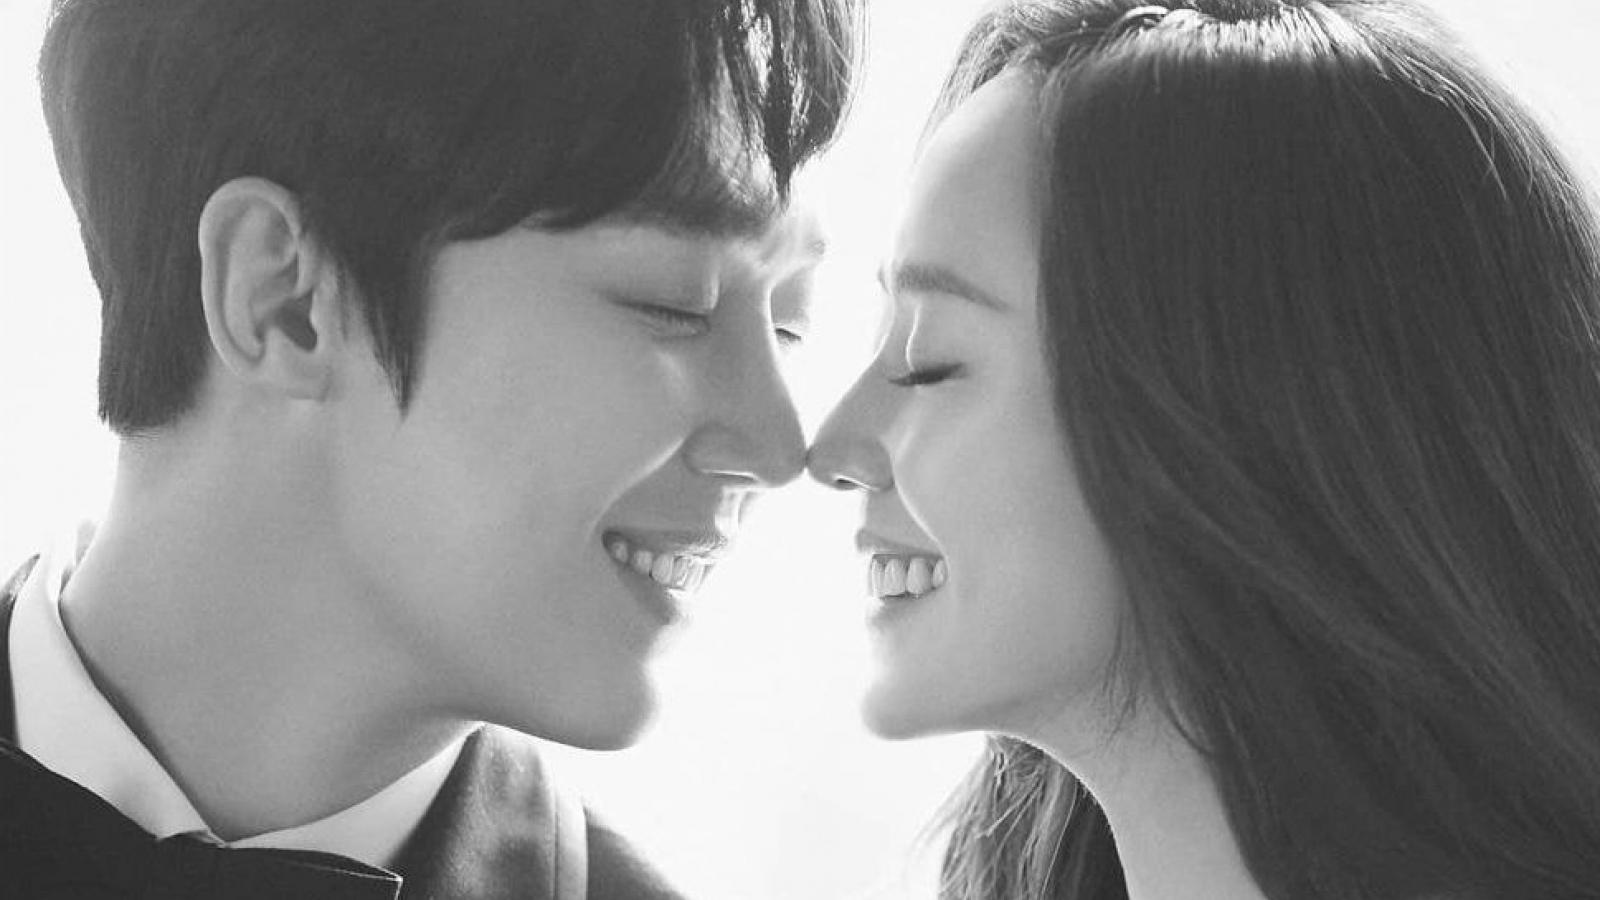 """Cặp đôi """"Penthouse"""" Oh Yoon Hee và Ha Yoon Chul gây sốt với loạt ảnh cưới đẹp như mơ"""